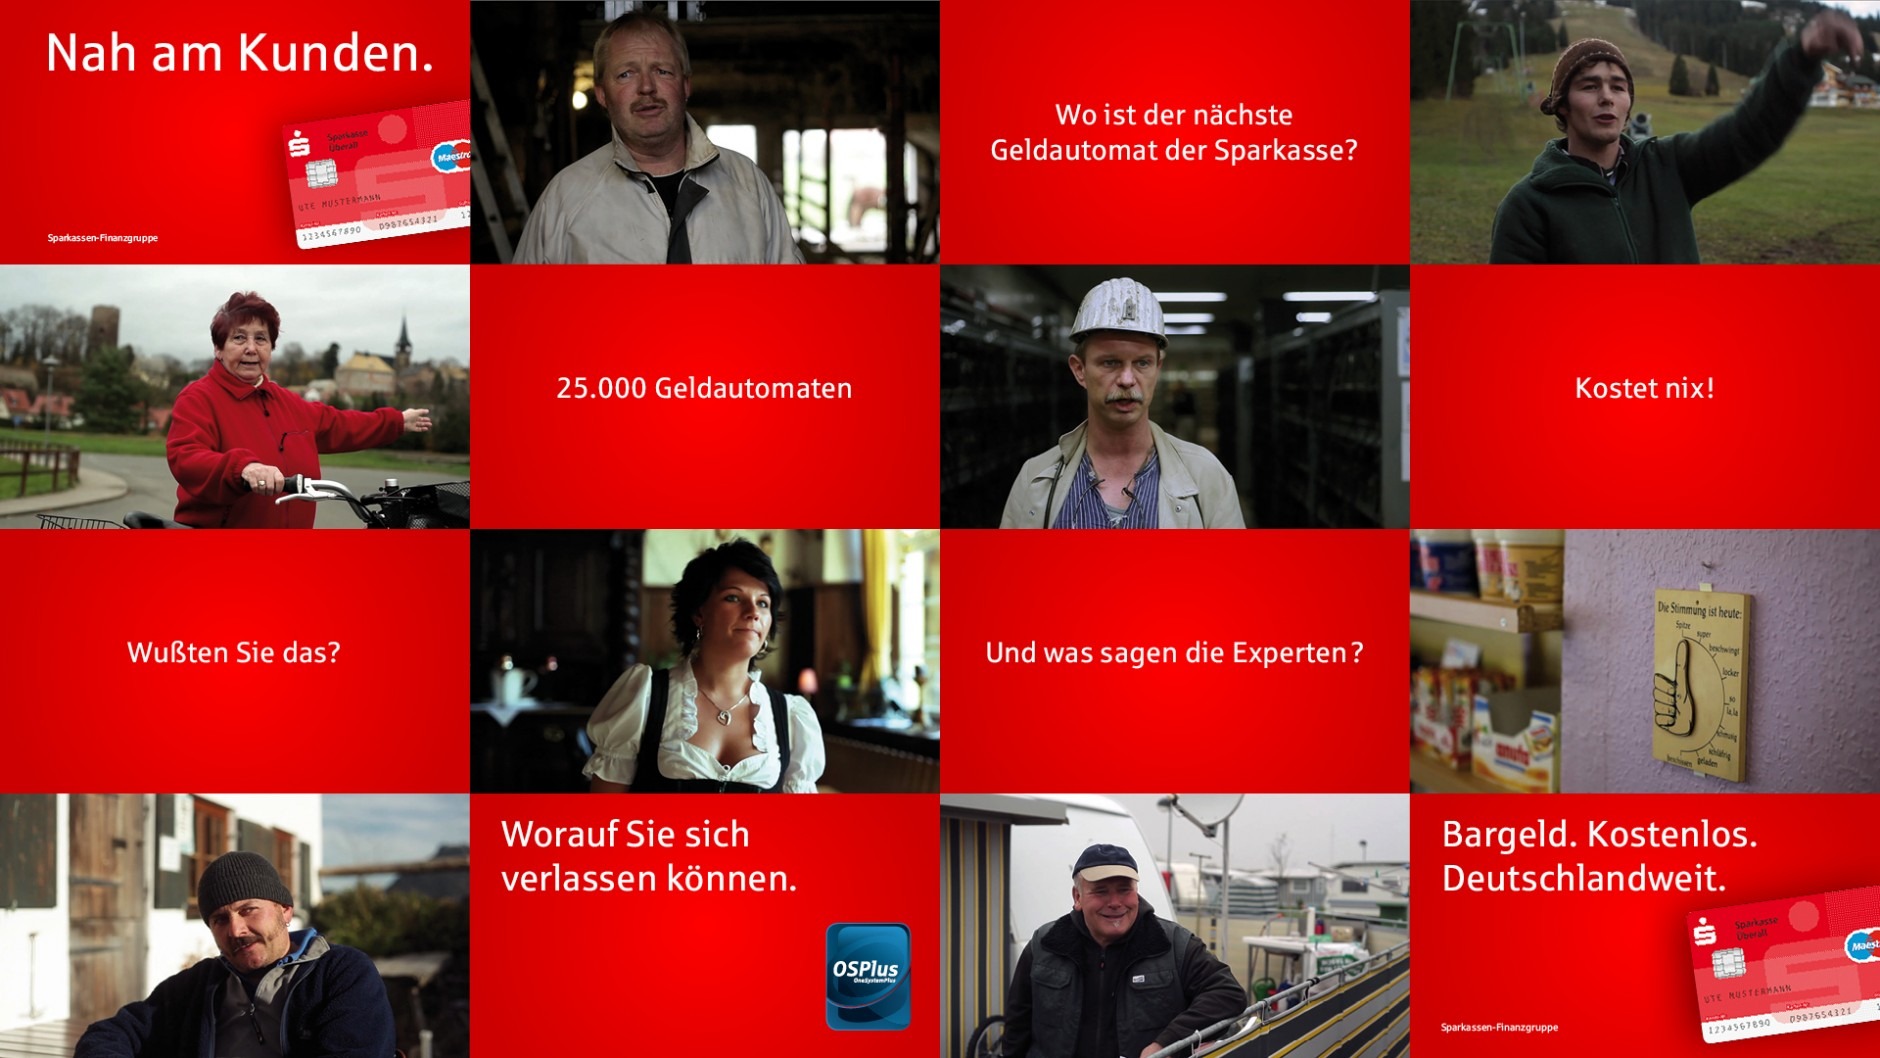 Kategorie Foto/Film: Nah am Kunden; Kunde: Finanz Informatik; Einsender: Beierarbeit GmbH